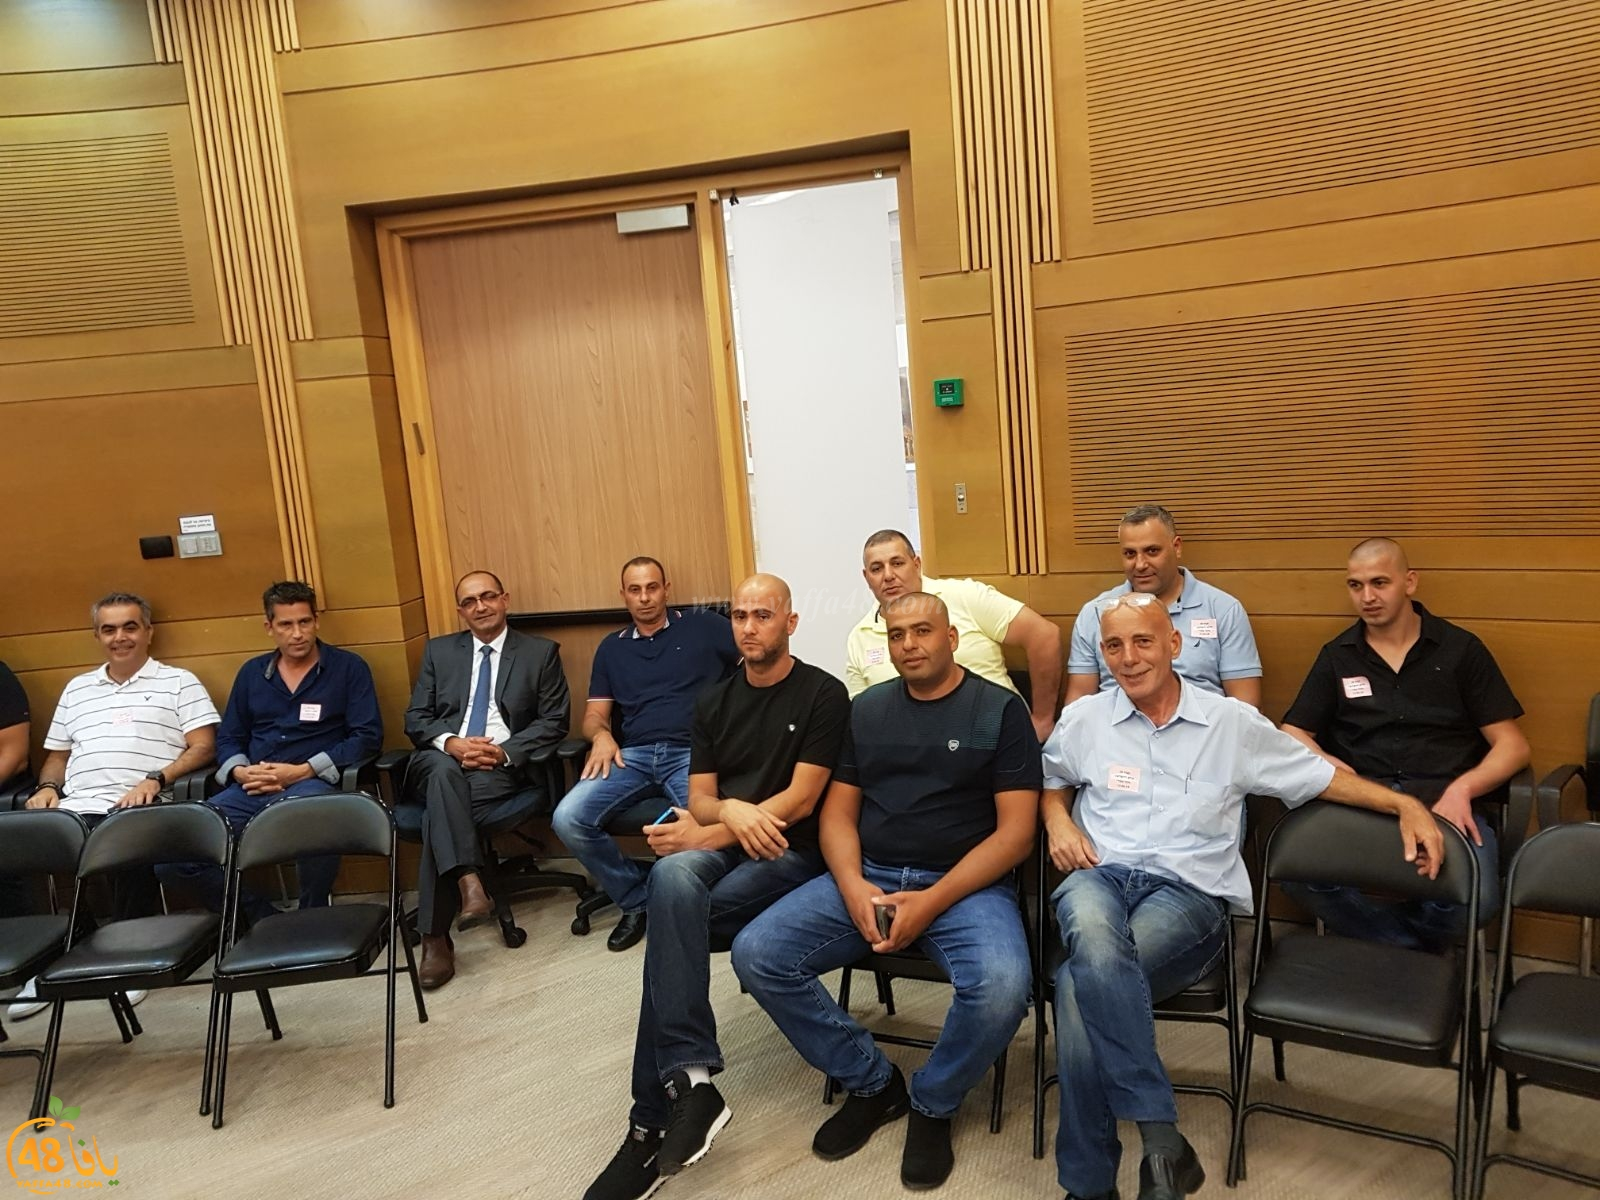 بالصور: لجنة الصيادين في ميناء يافا تُشارك في افطار جماعي بالكنيست